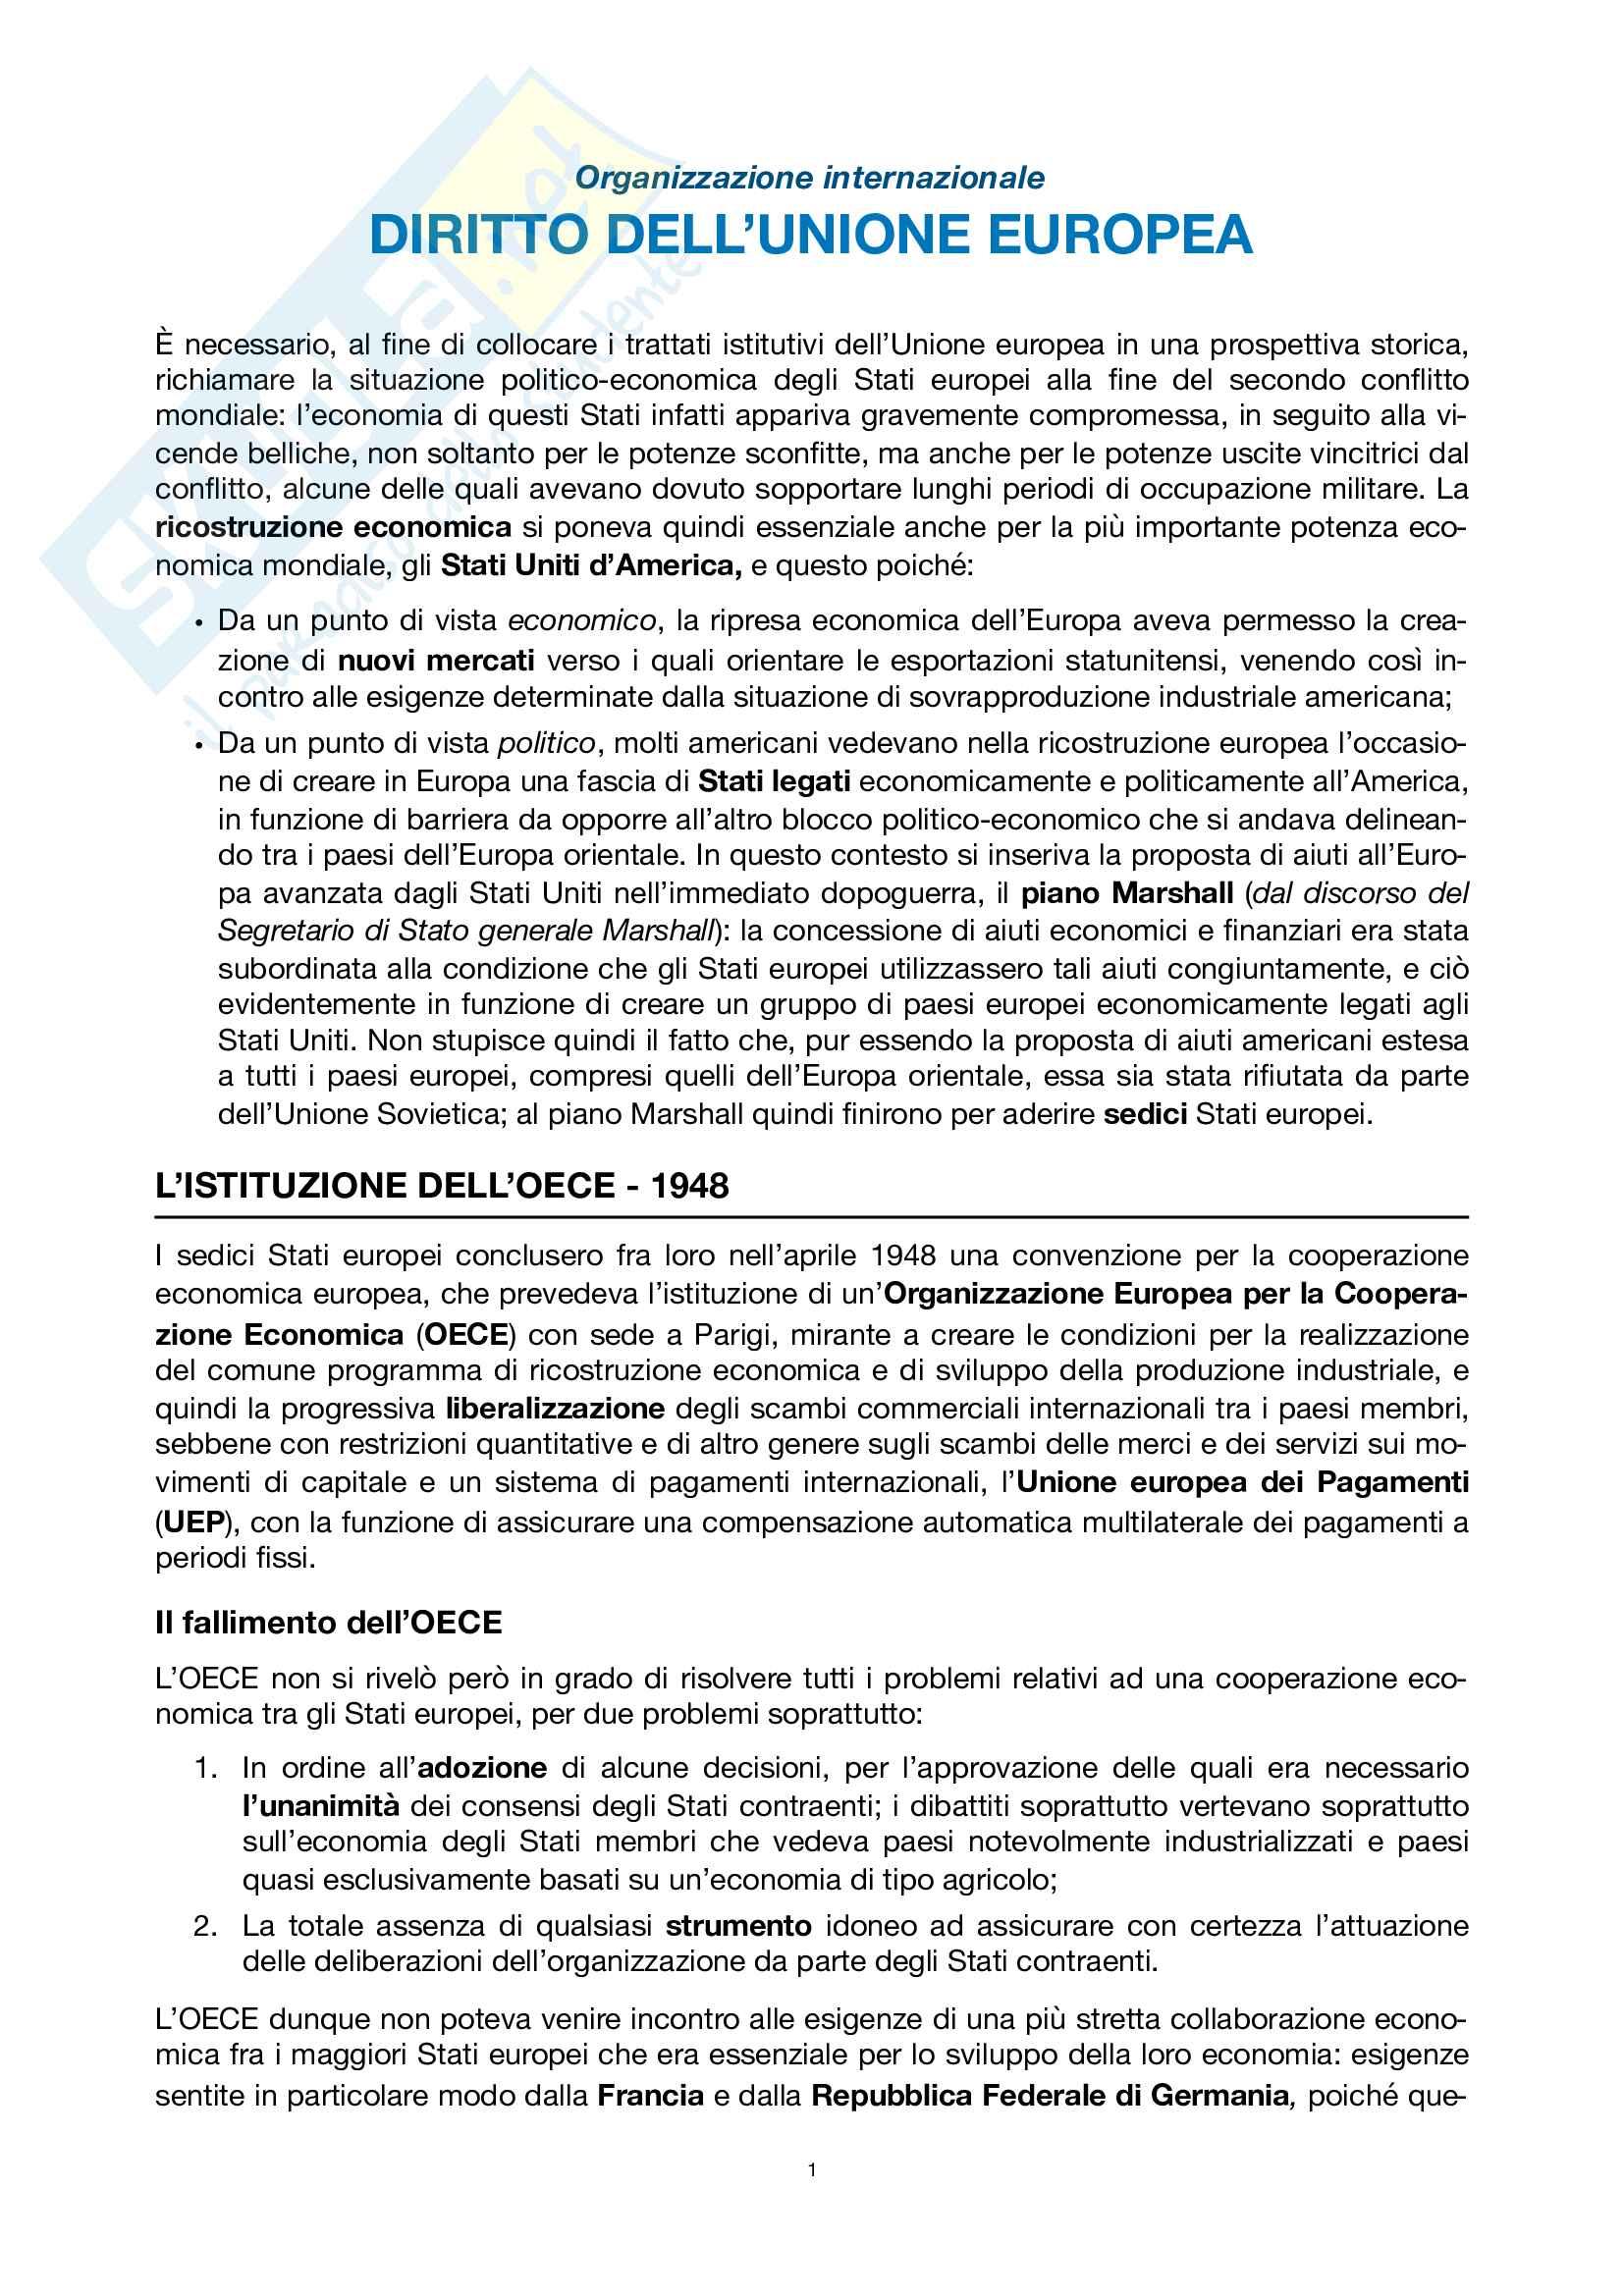 Riassunti esame di organizzazione internazionale: diritto dell'Unione europea